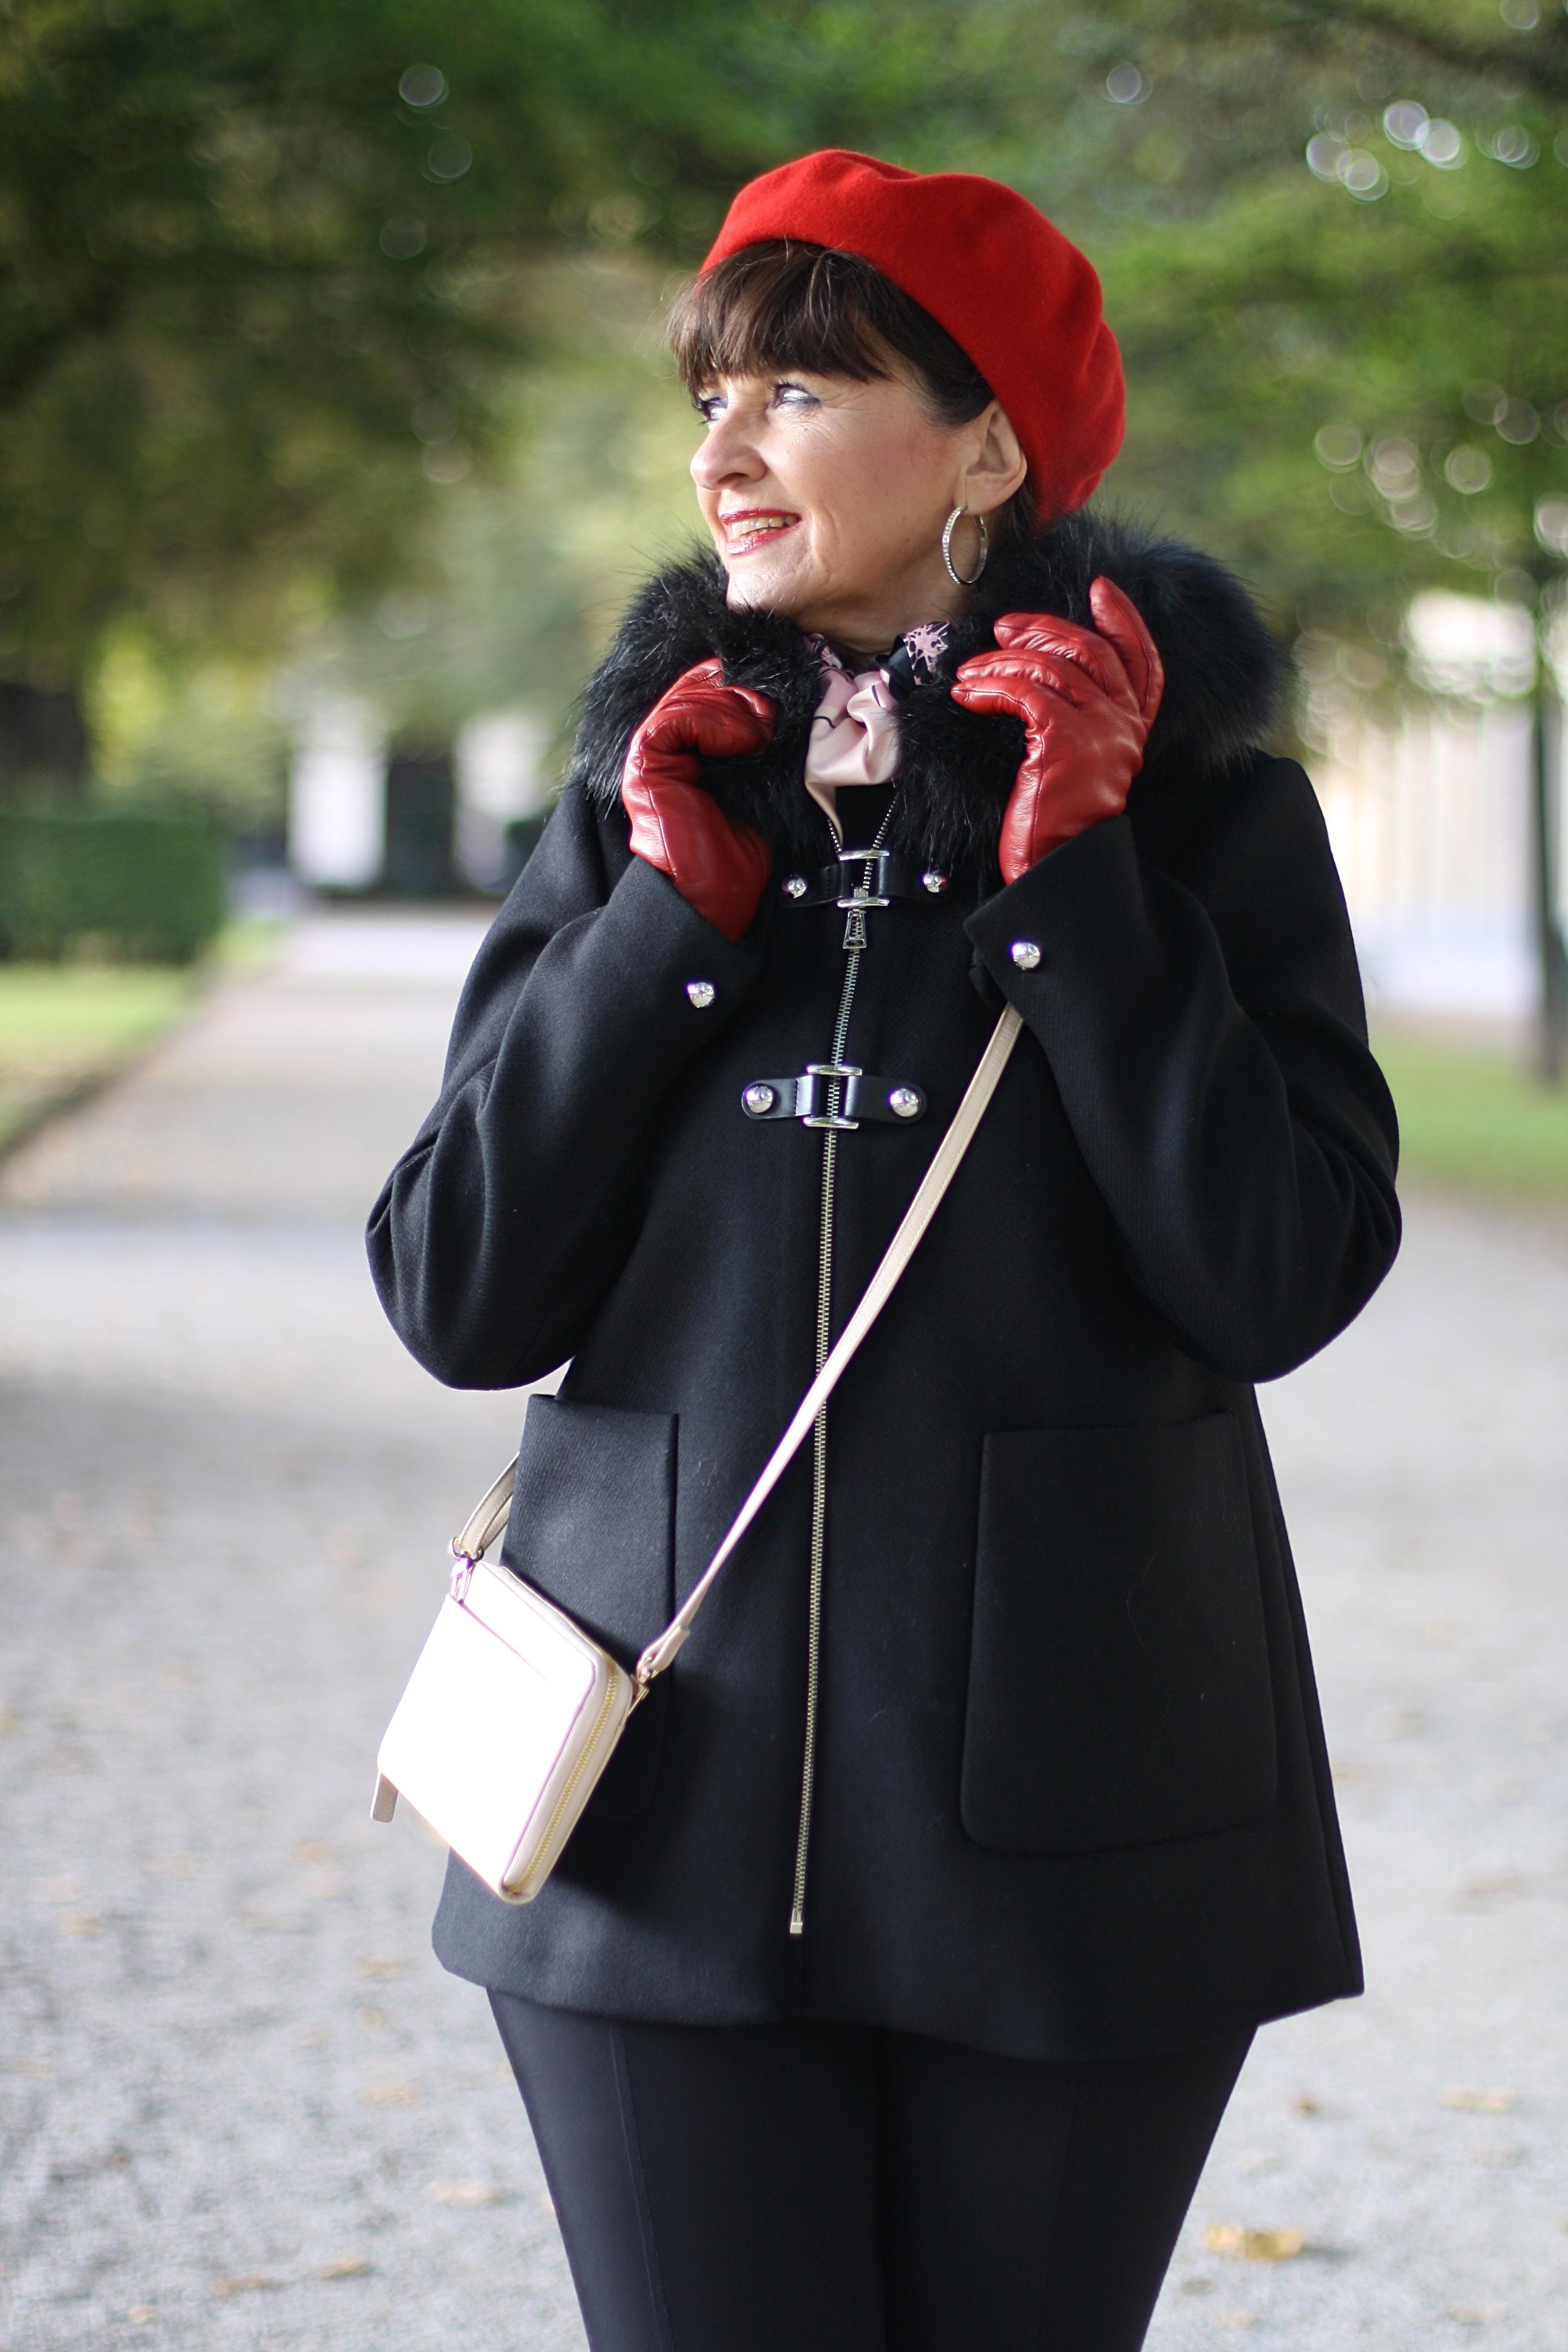 schwarze-jacke-und-rote-muetze-mit-tasche